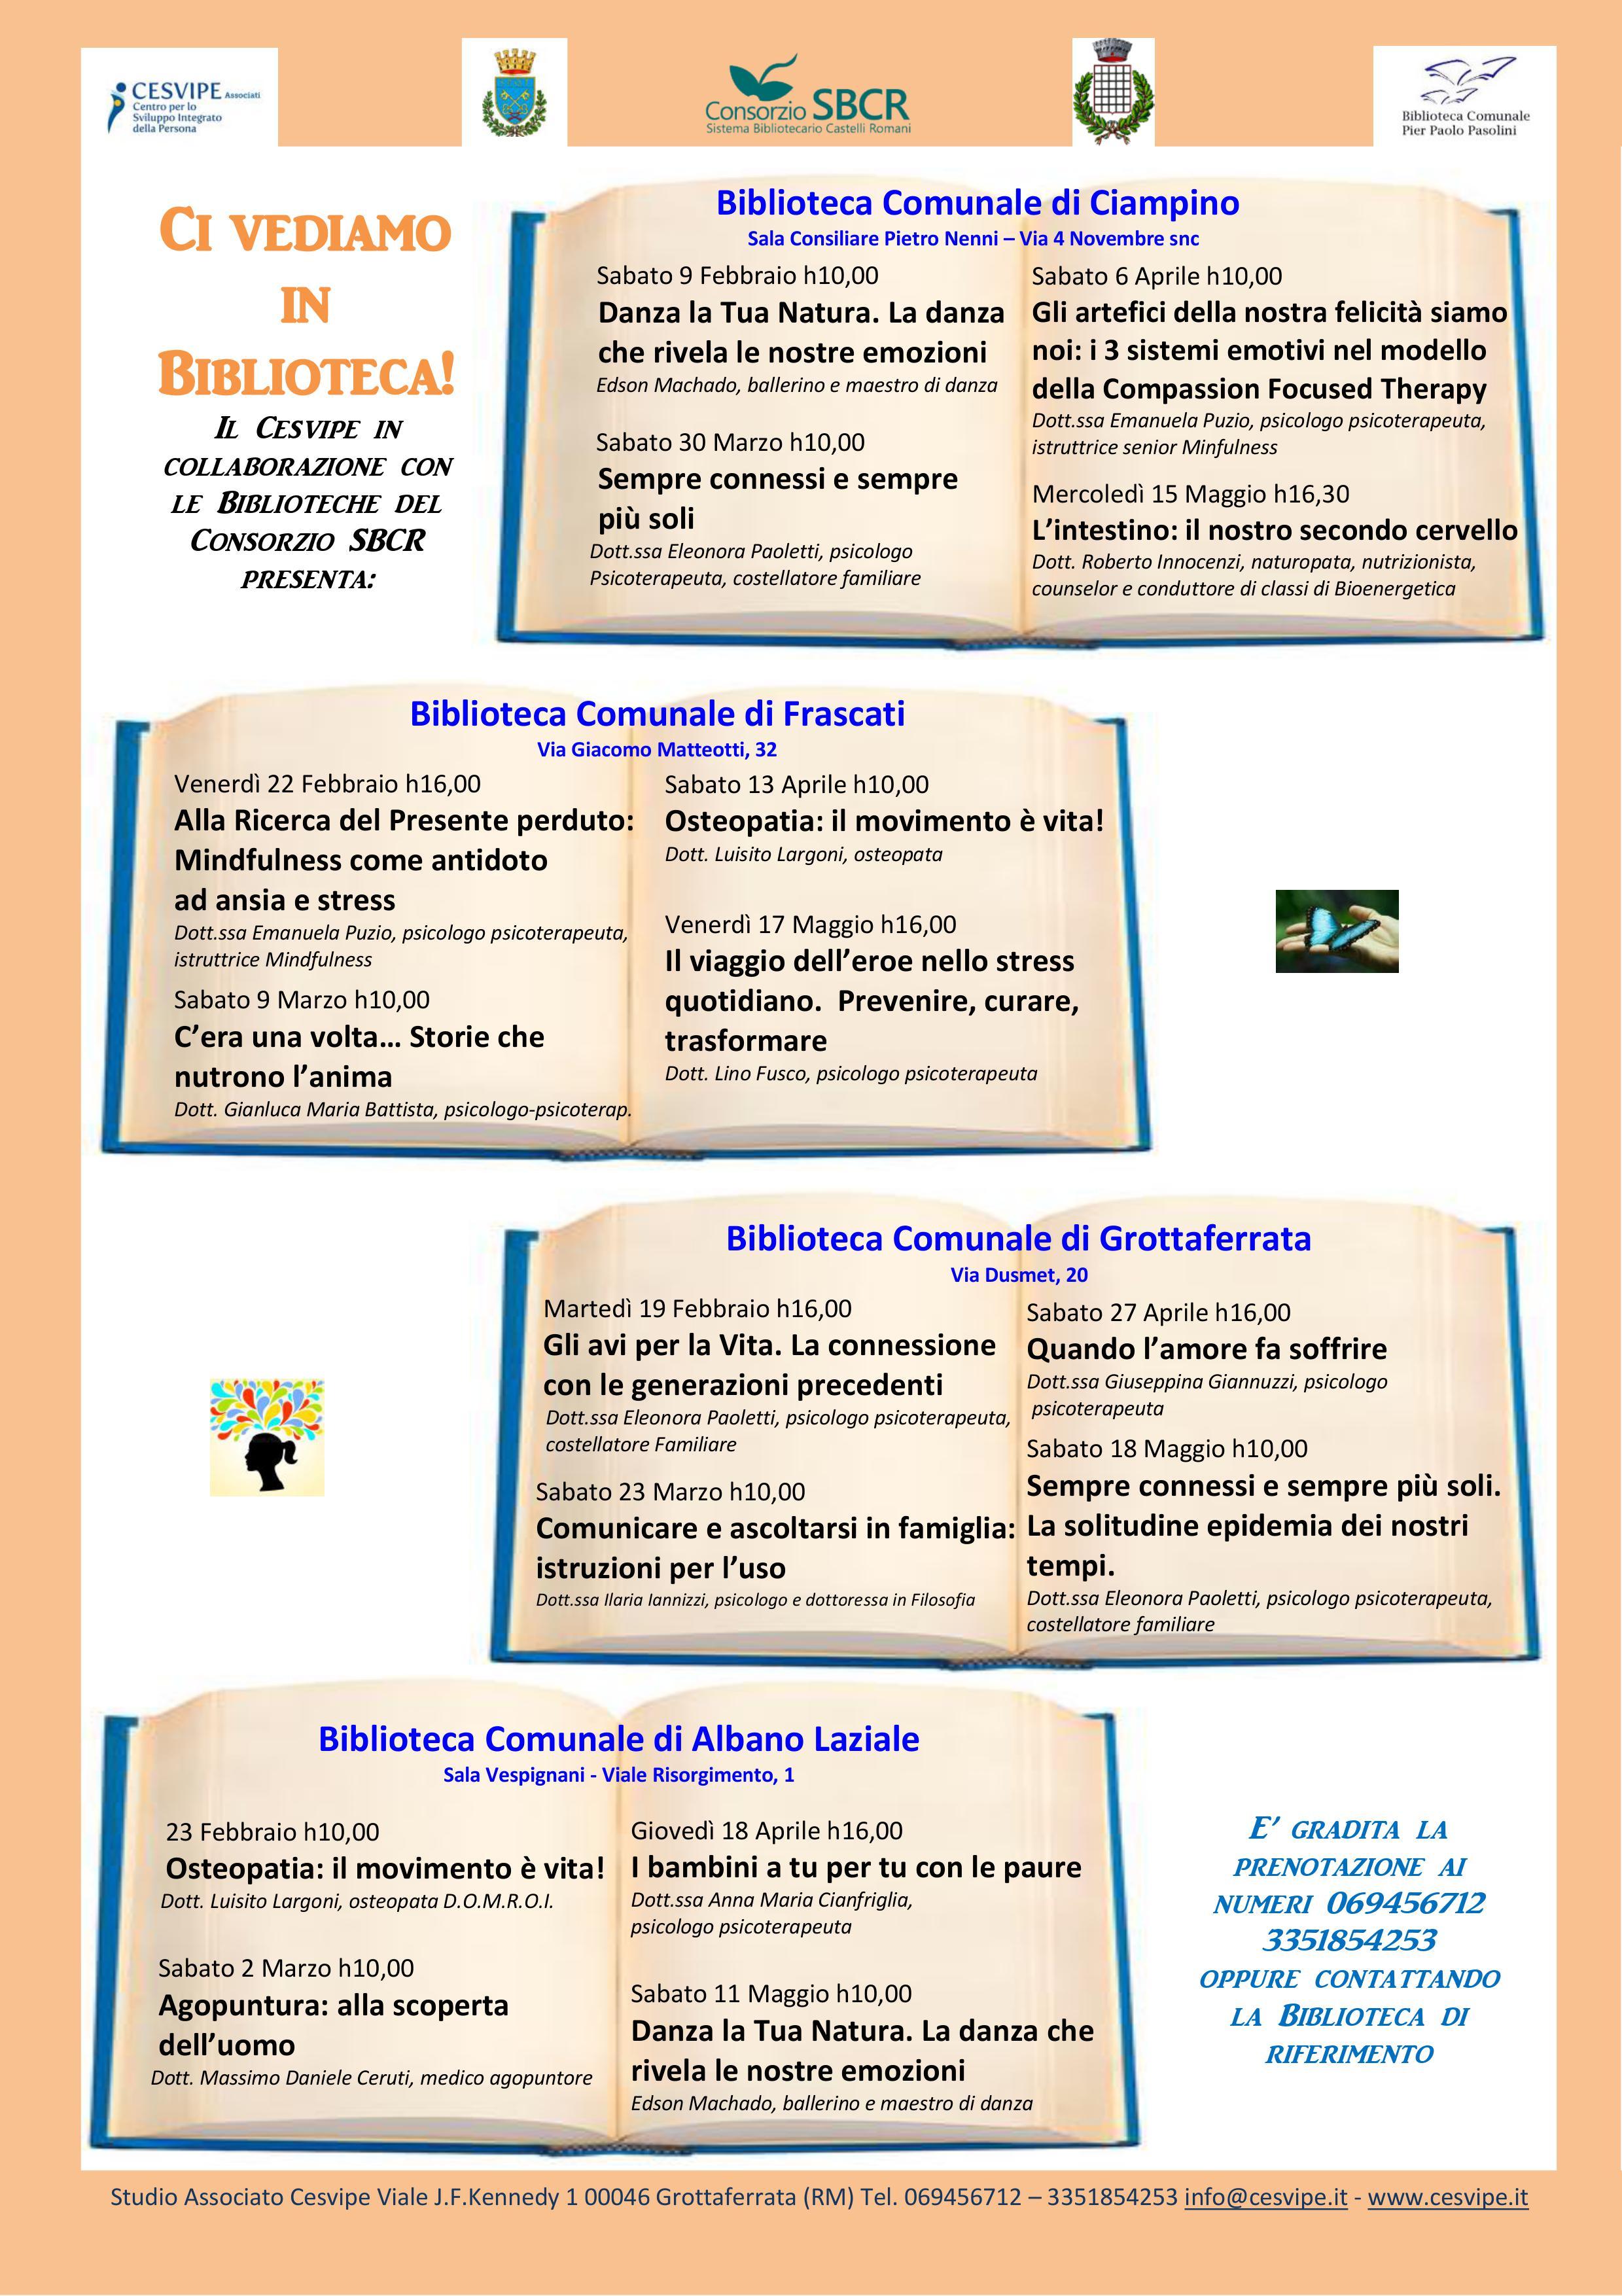 Locandina dell'evento: riporta il calendario degli incontri che si terranno in varie biblioteche del Consorzio SBCR.